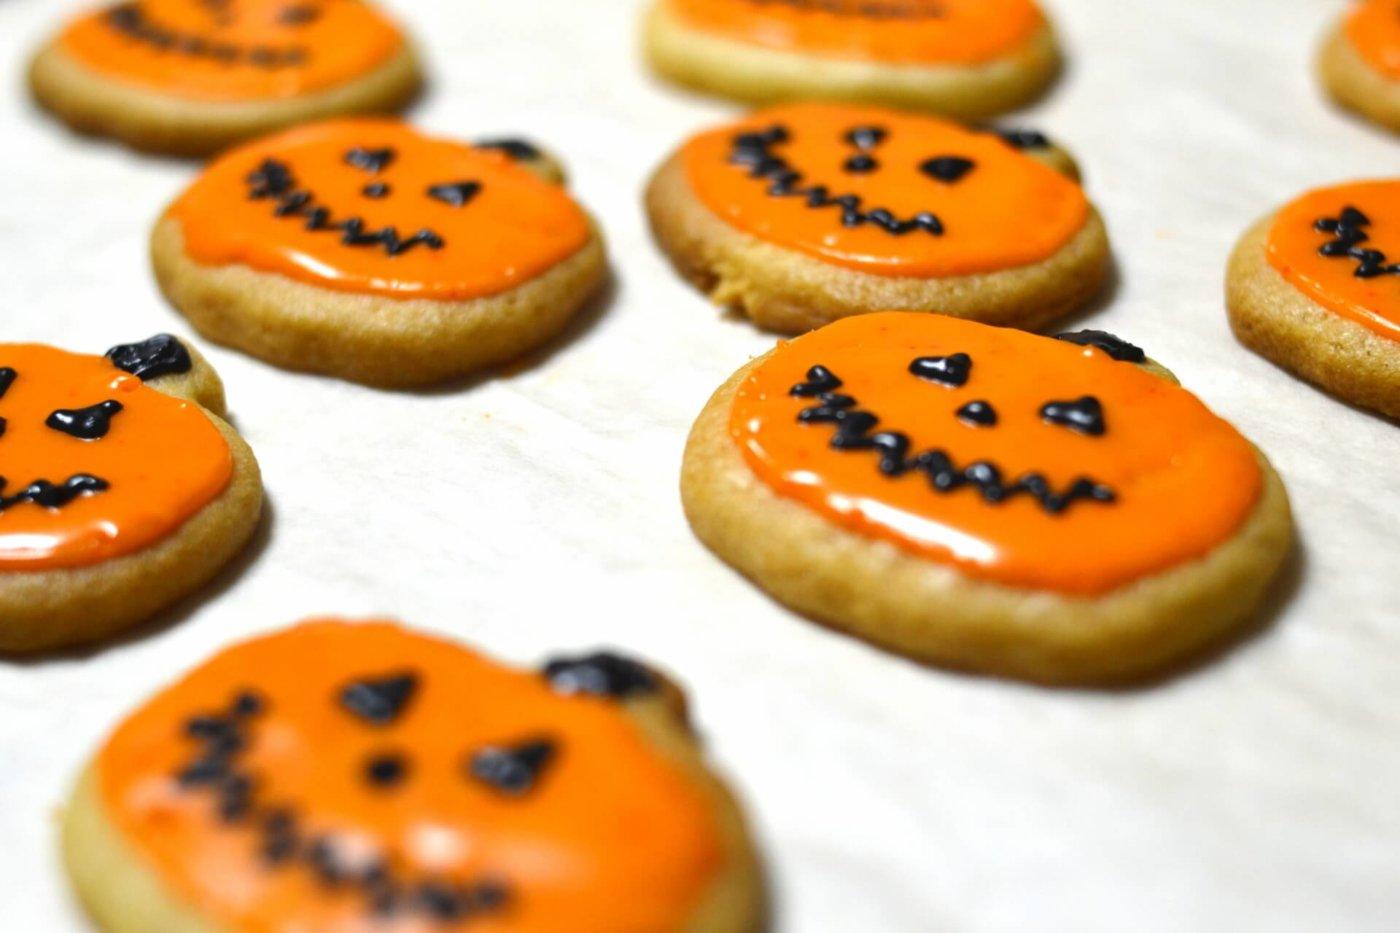 迷ったらこれ!ハロウィンクッキー人気のモチーフランキング☆